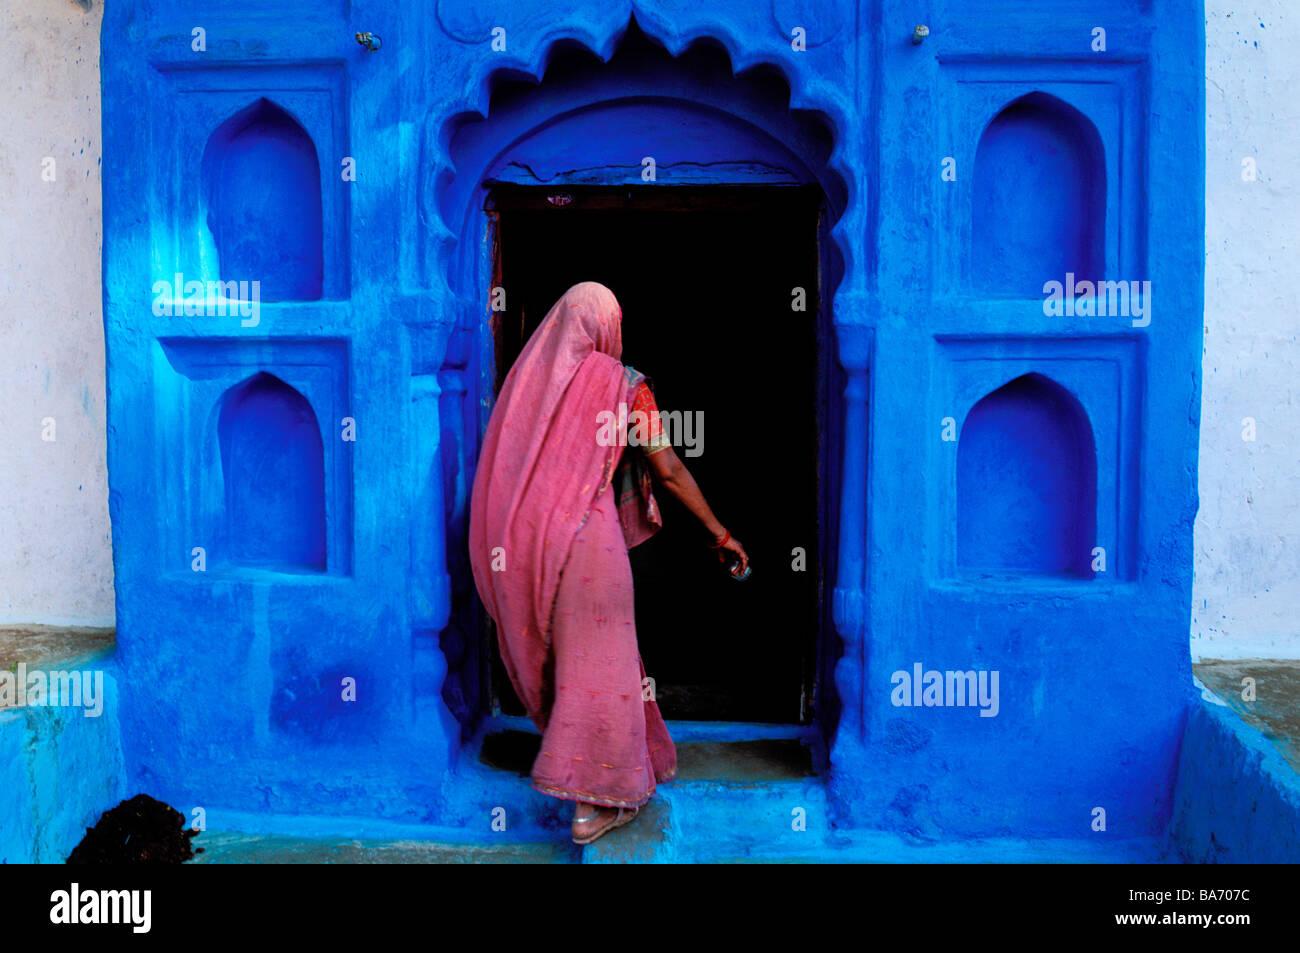 Indien, Rajasthan State, Jodhpur, der blauen Altstadt Stockbild